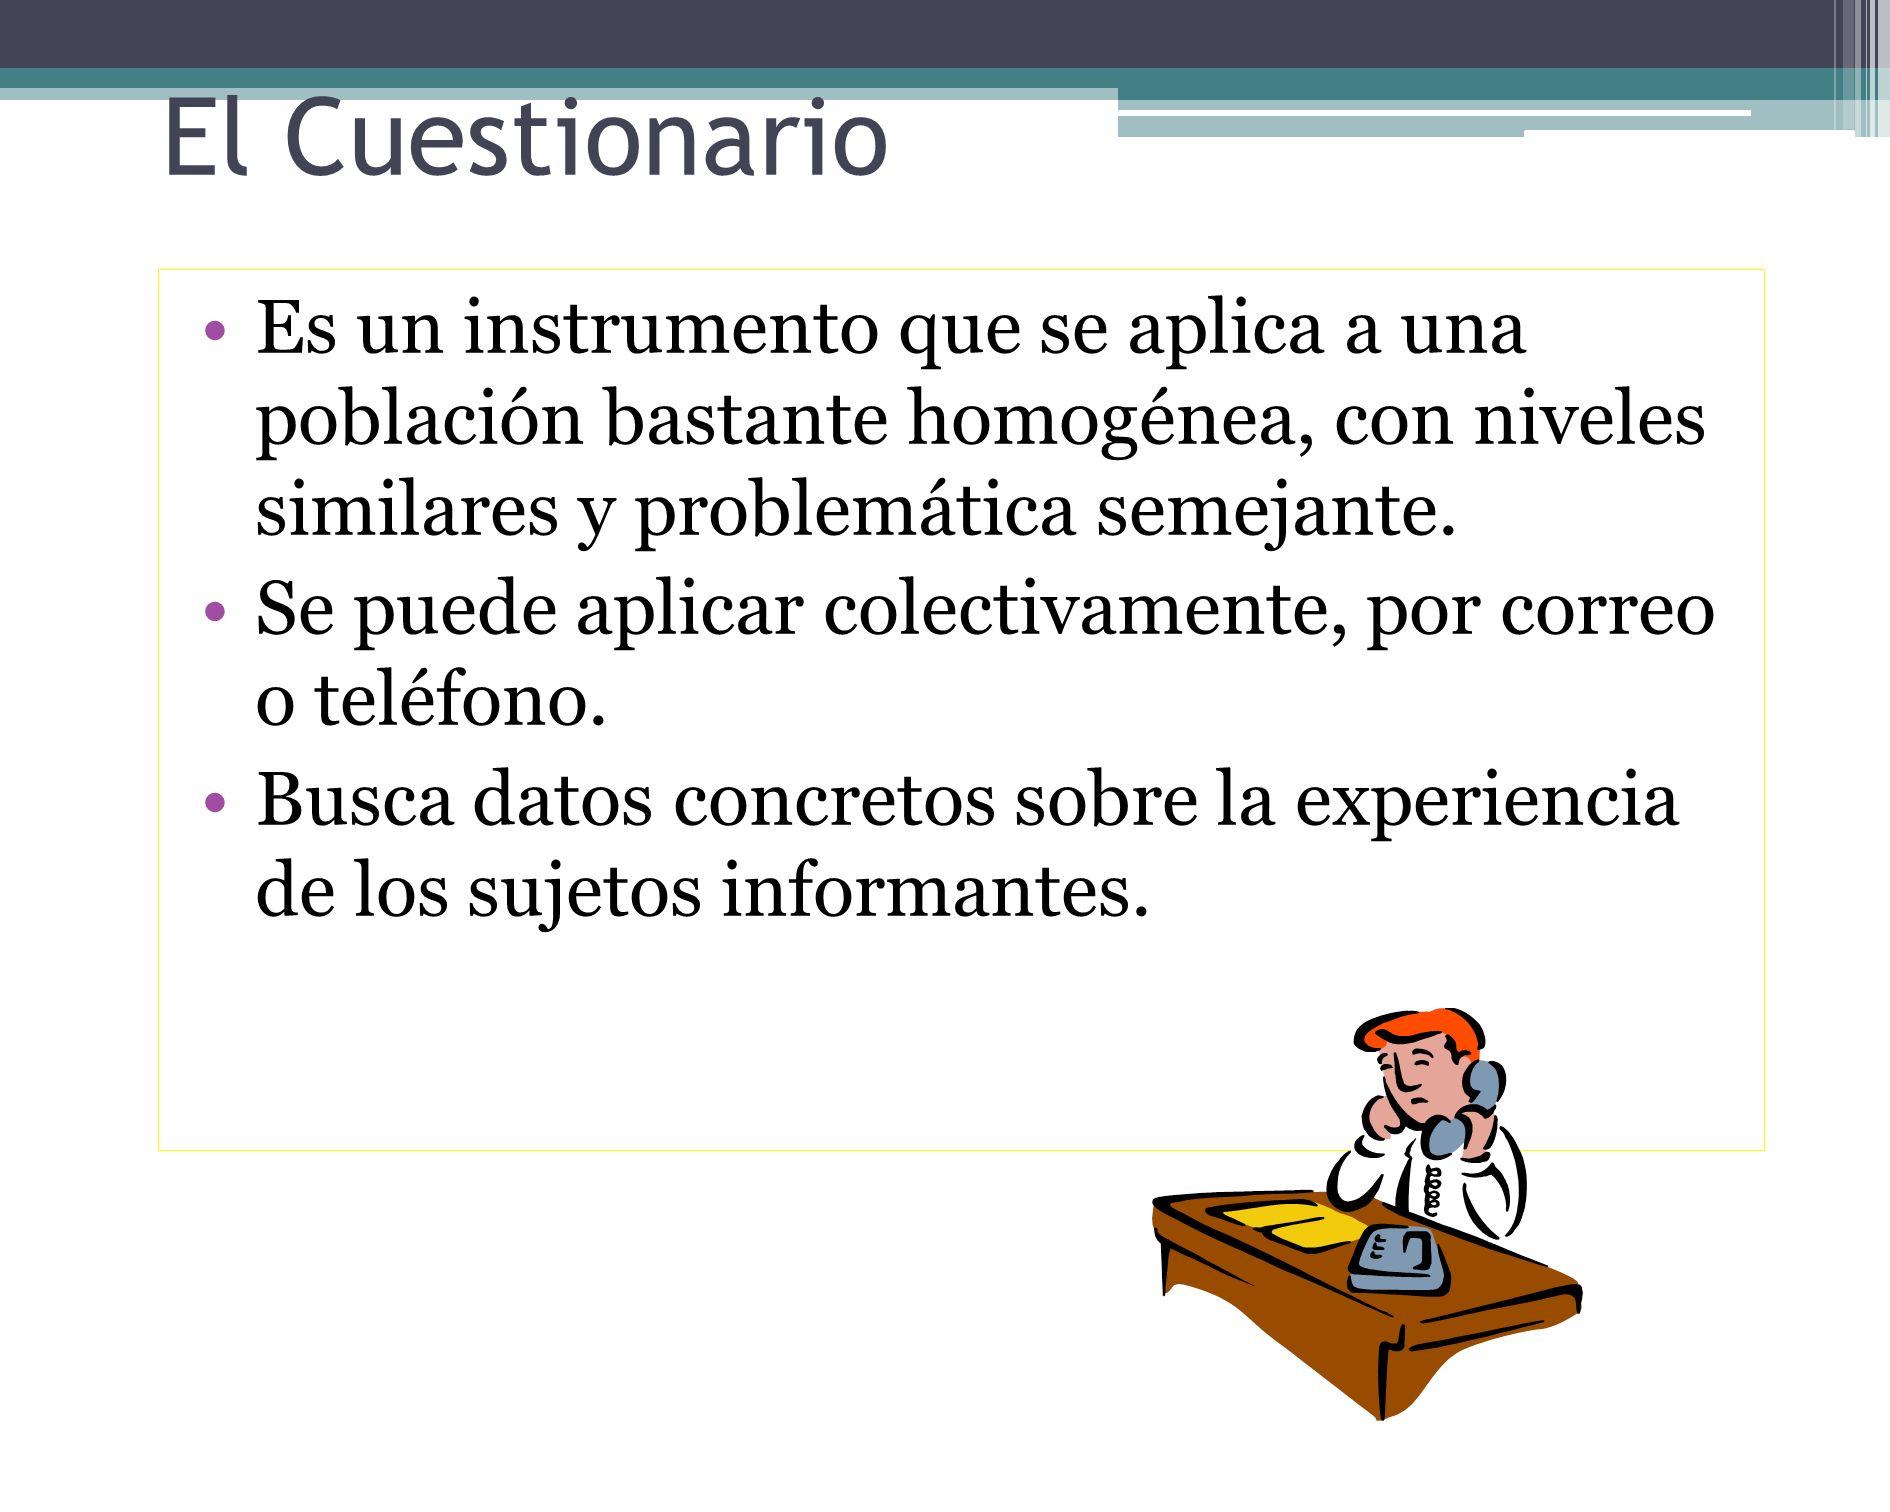 El Cuestionario Es un instrumento que se aplica a una población bastante homogénea, con niveles similares y problemática semejante.